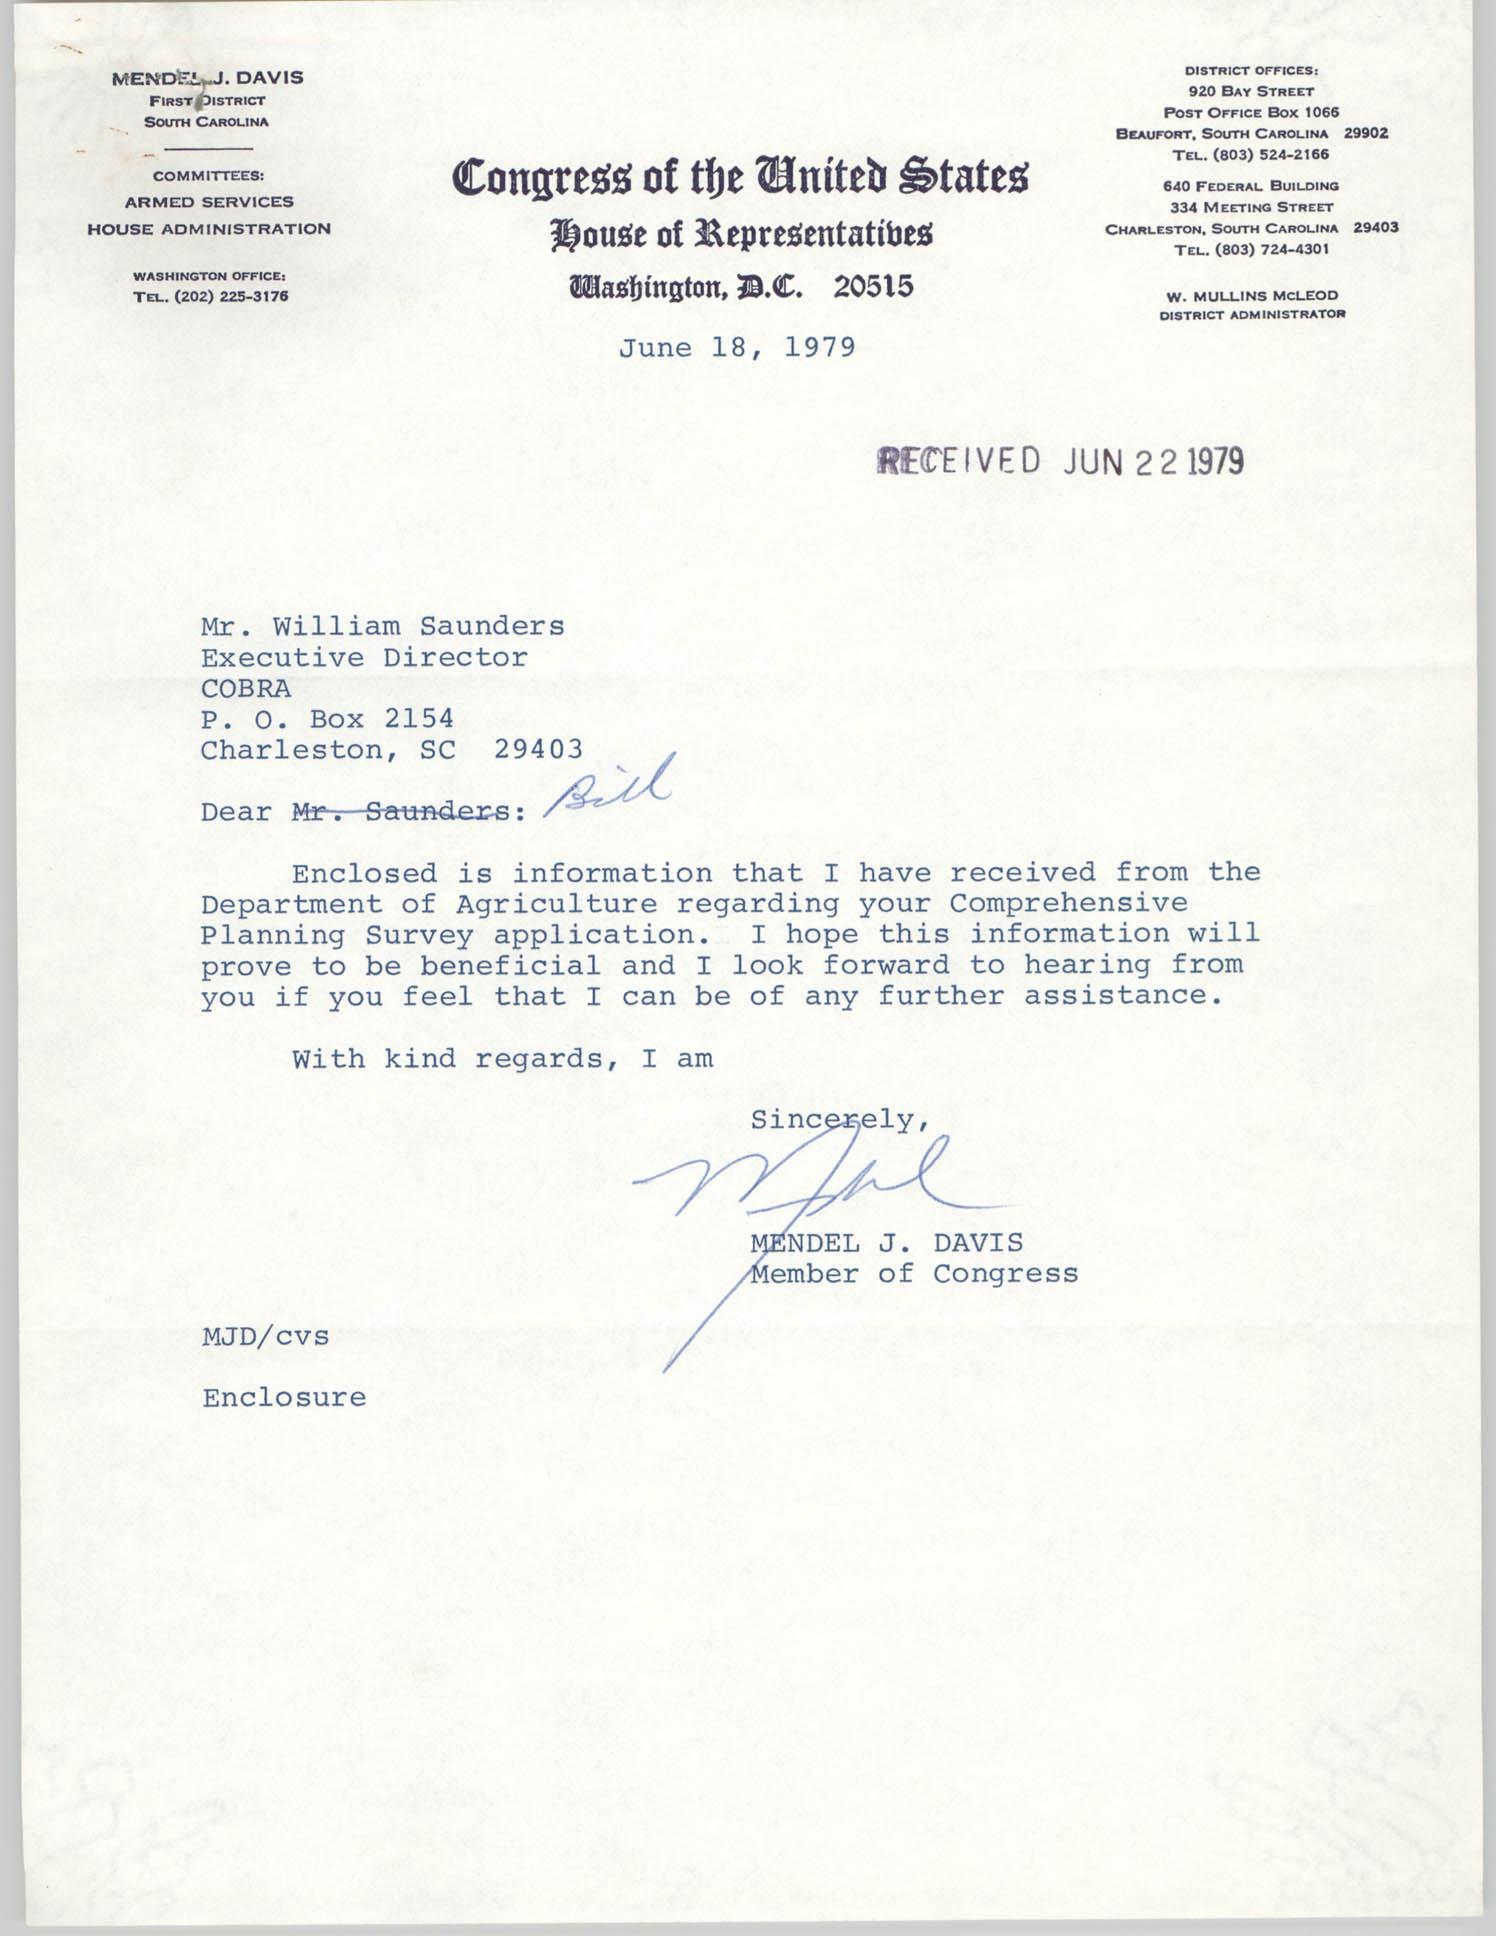 Letter from Mendel J. Davis to William Saunders, June 22, 1979